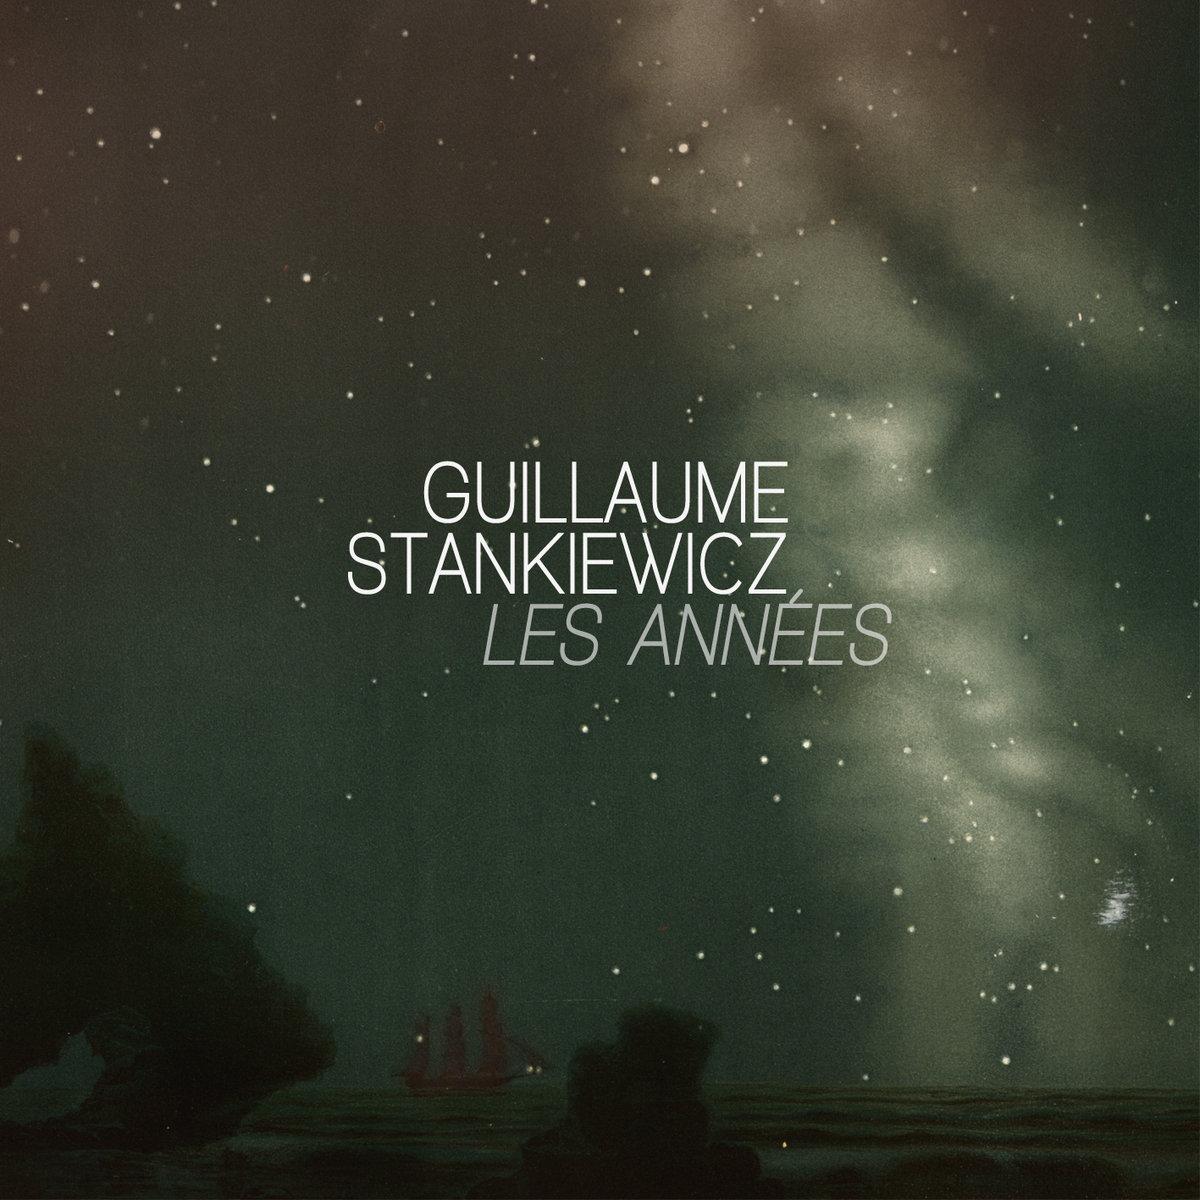 Guillaume Stankiewicz - Les années